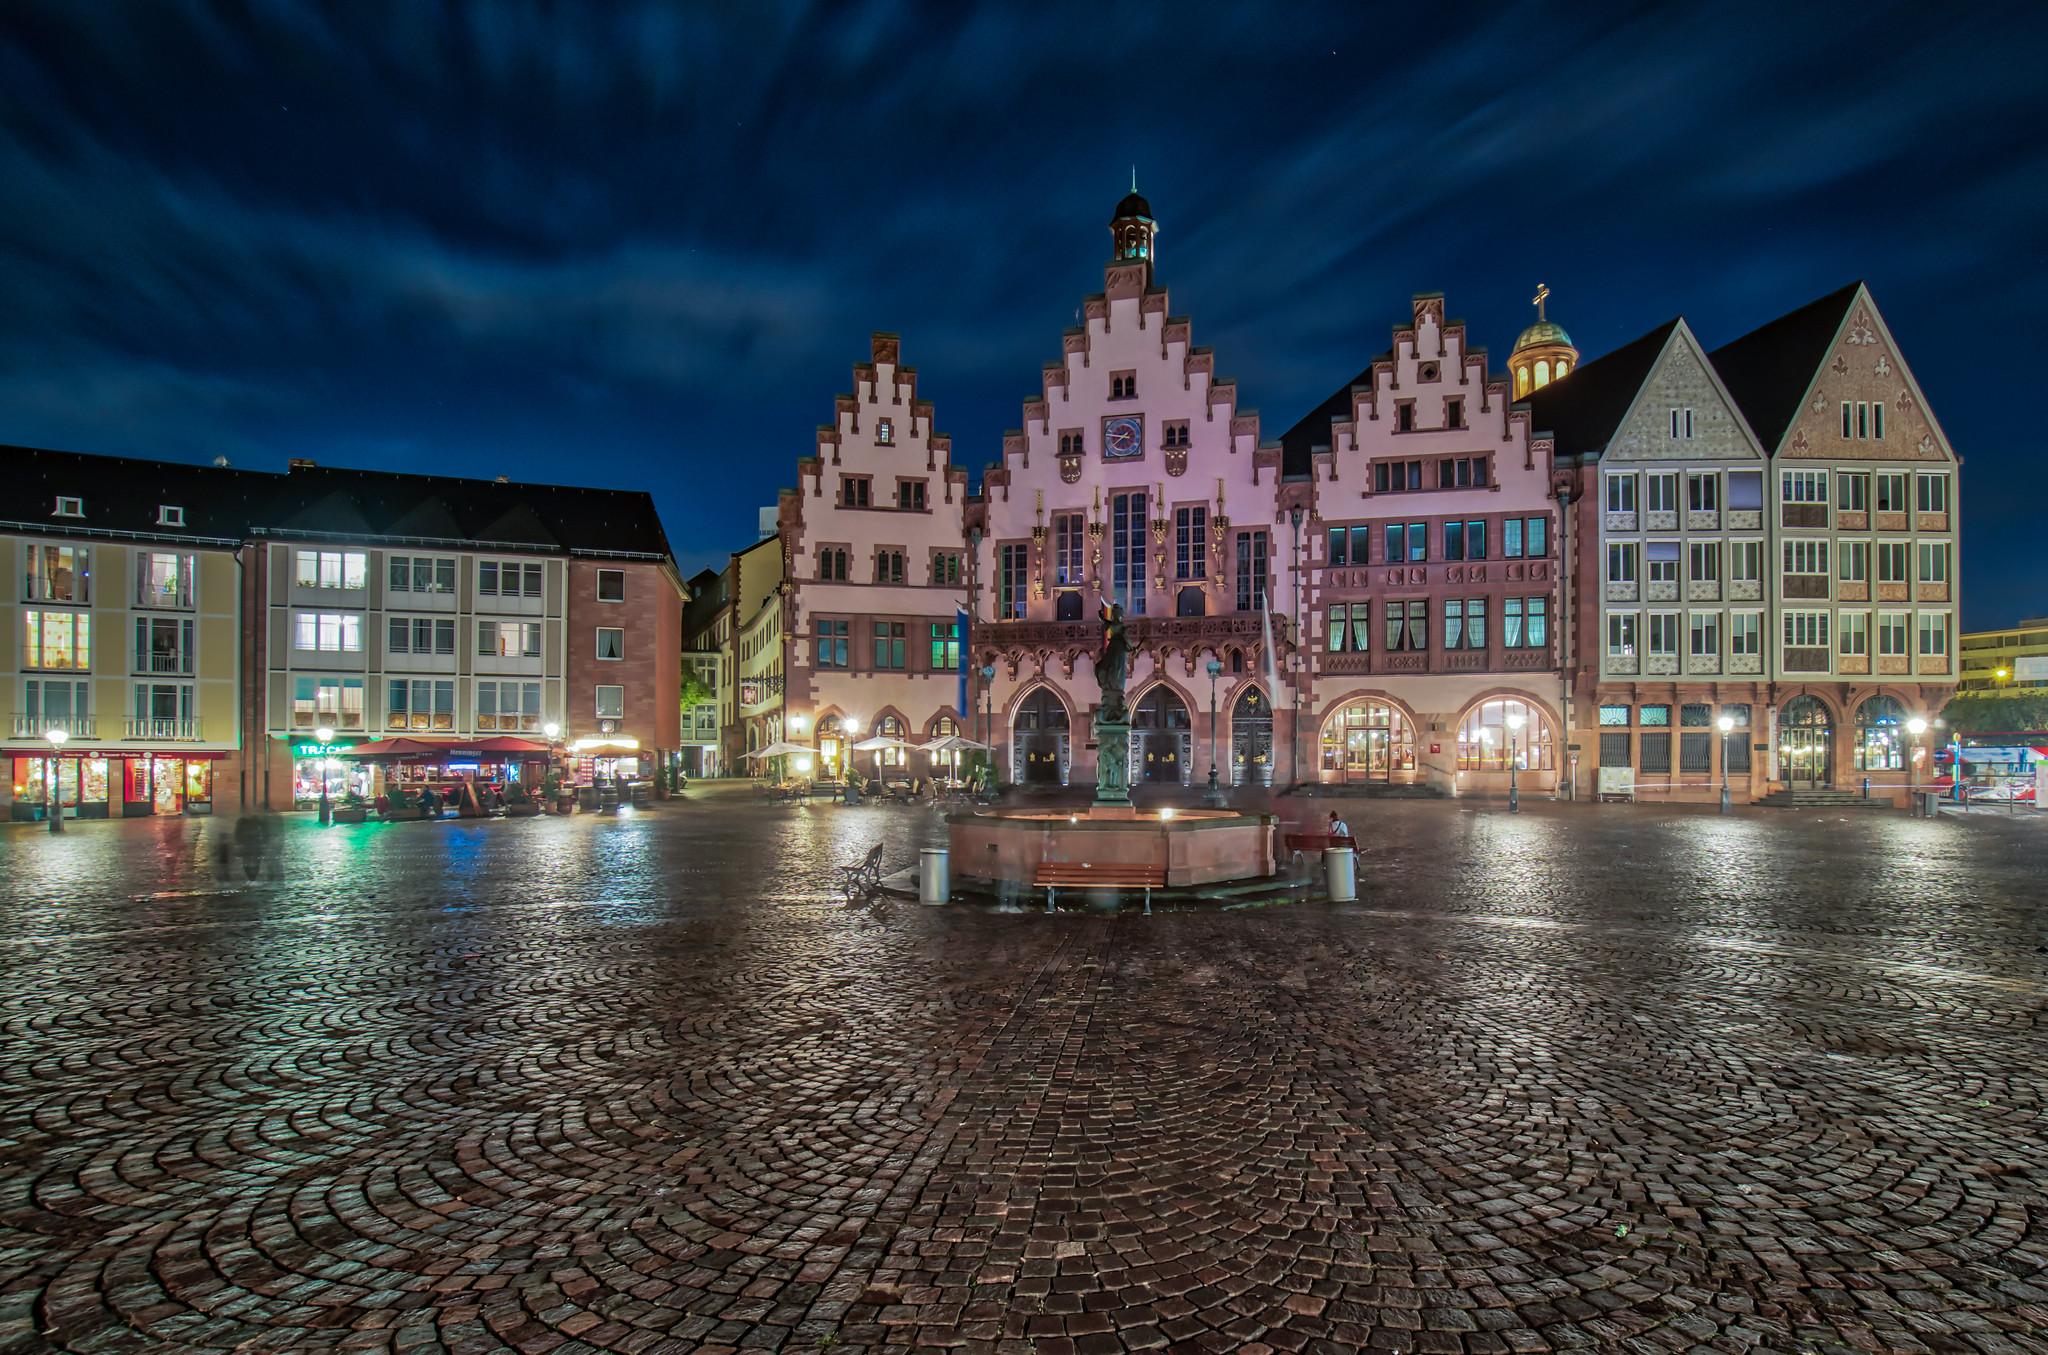 Römerberg Frankfurt 12.2019